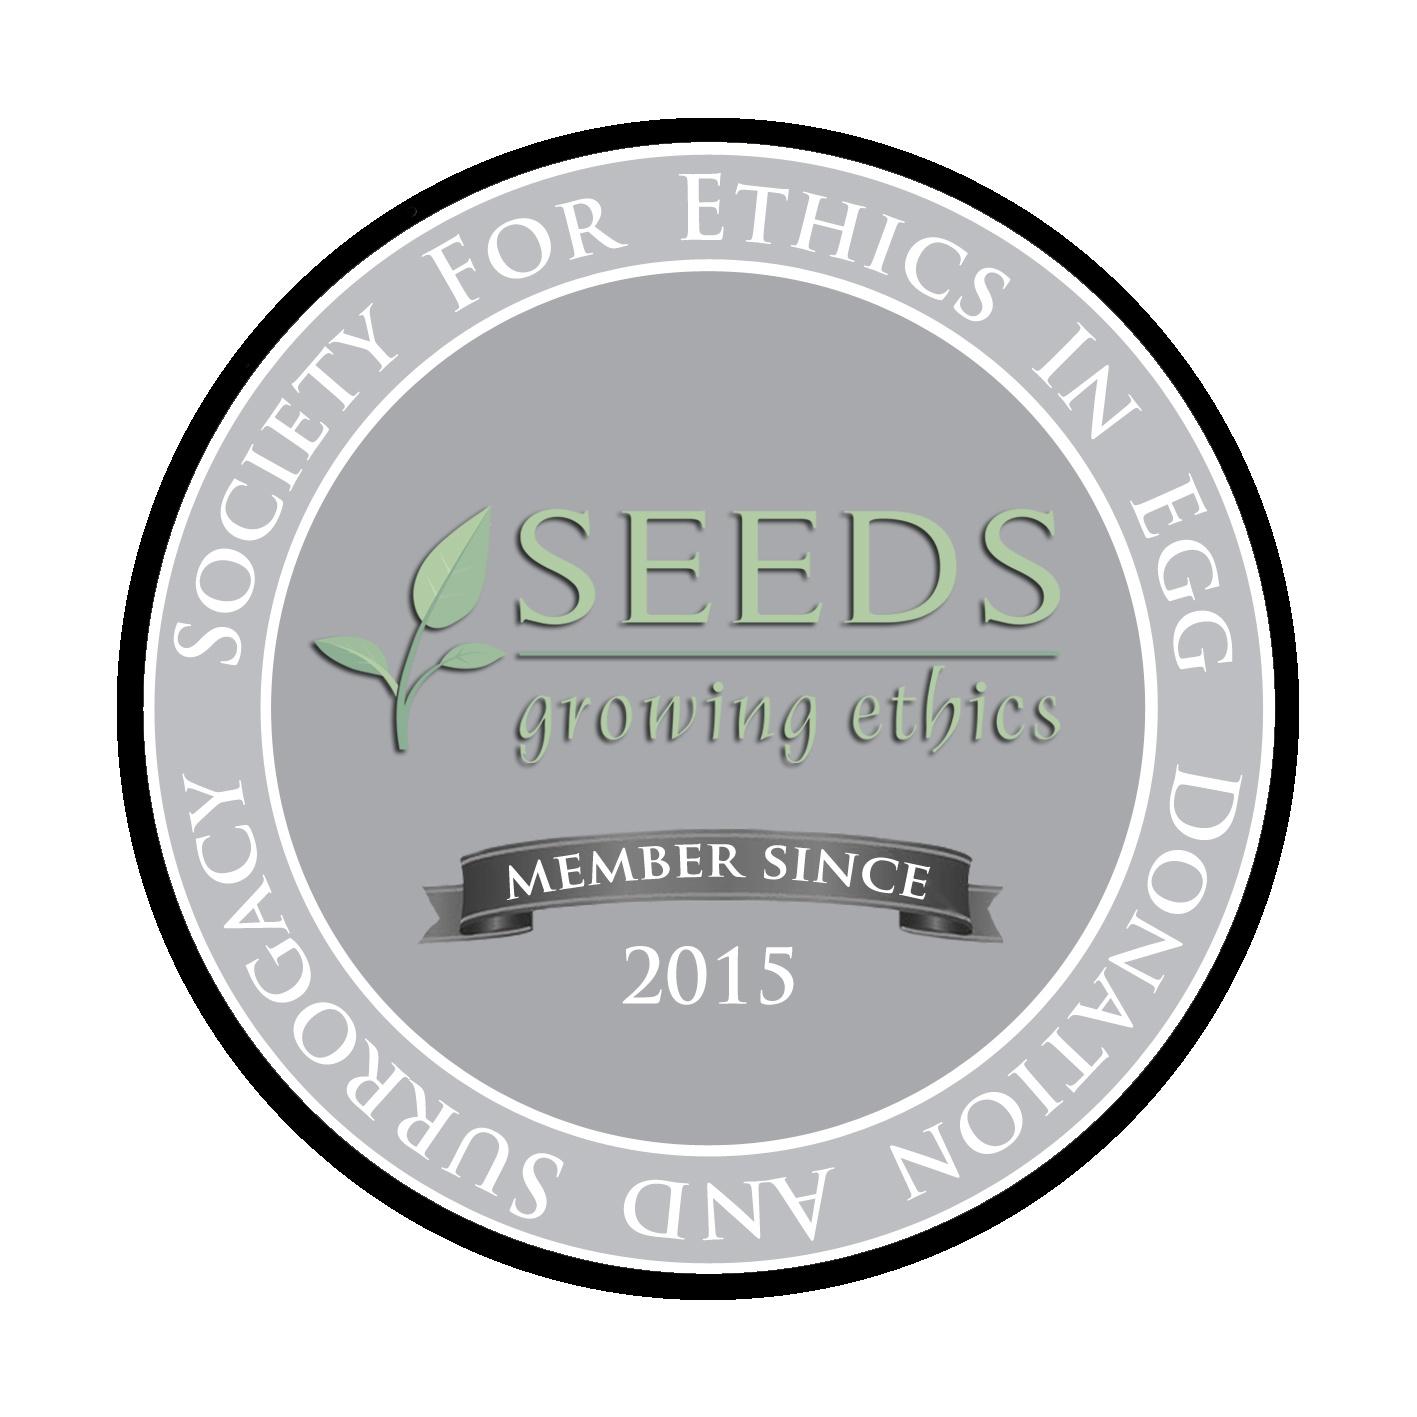 SEEDS-member2015.jpg